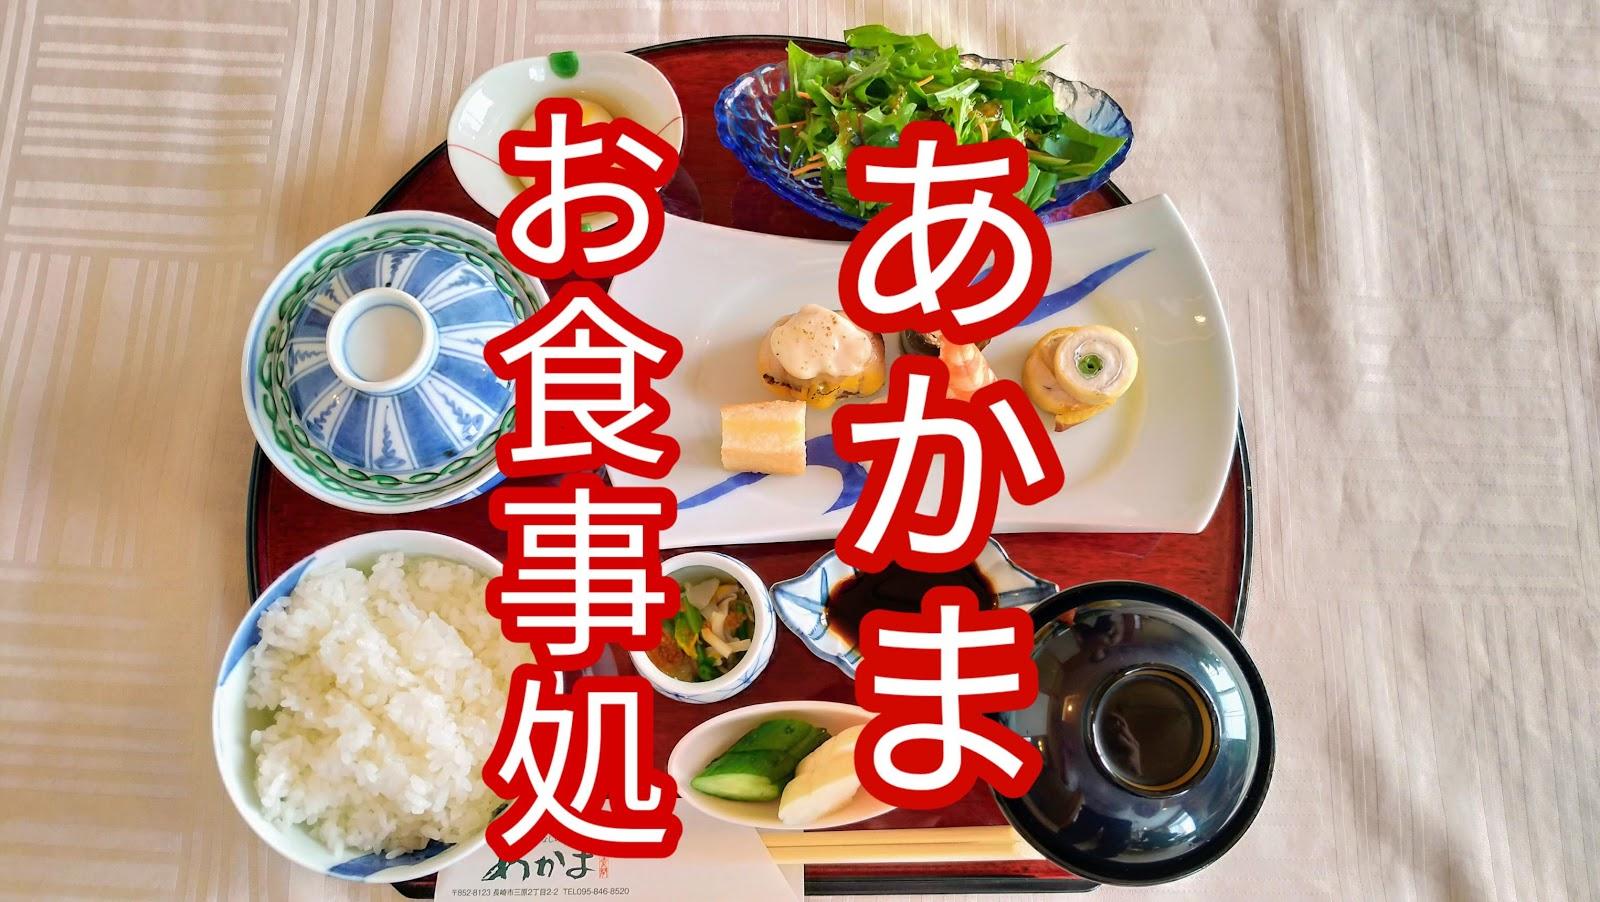 長崎市でお祝い事の食事に「お食事処あかま」がおすすめ!